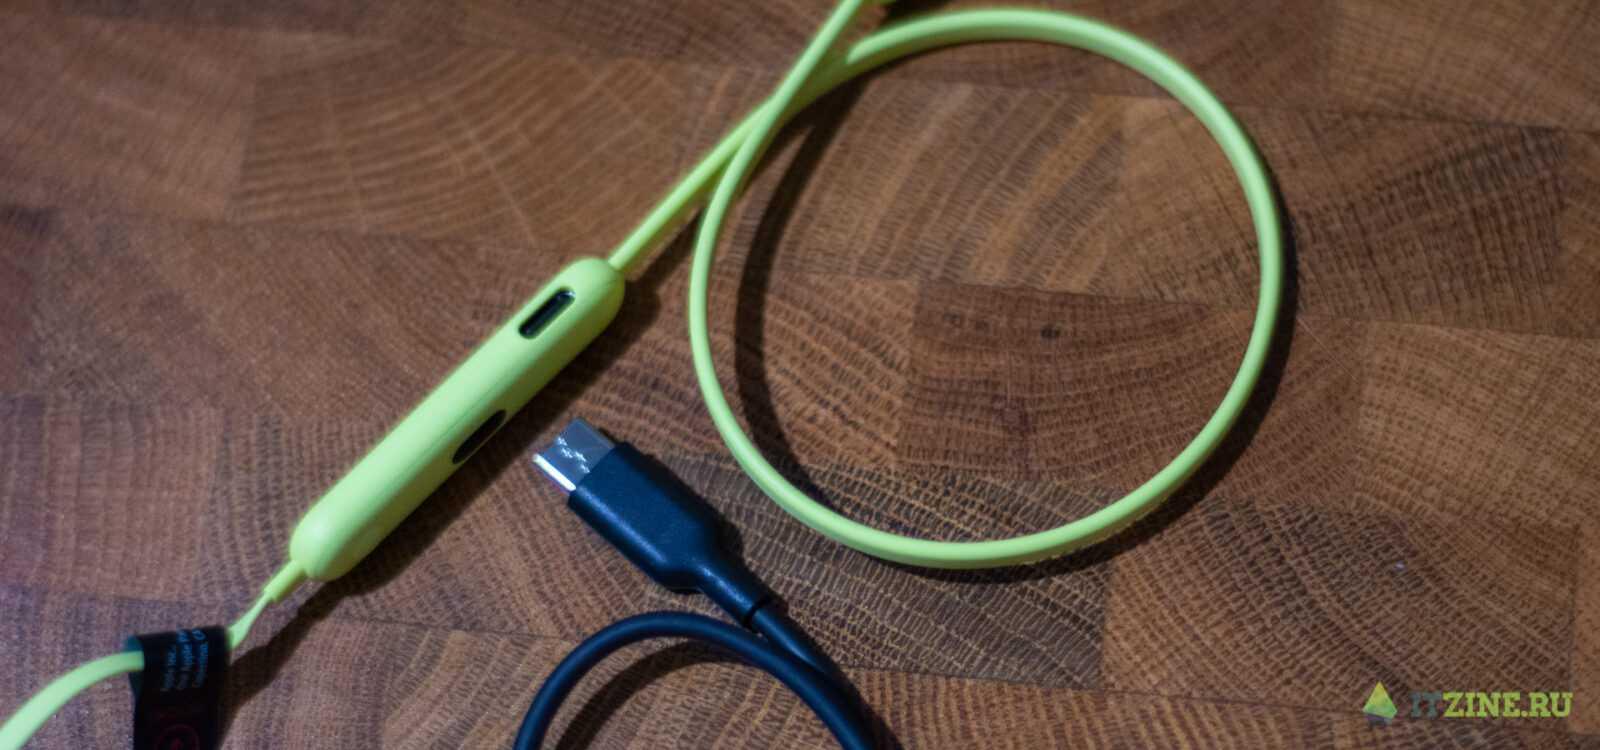 Порт для зарядки и кабель Beats Flex